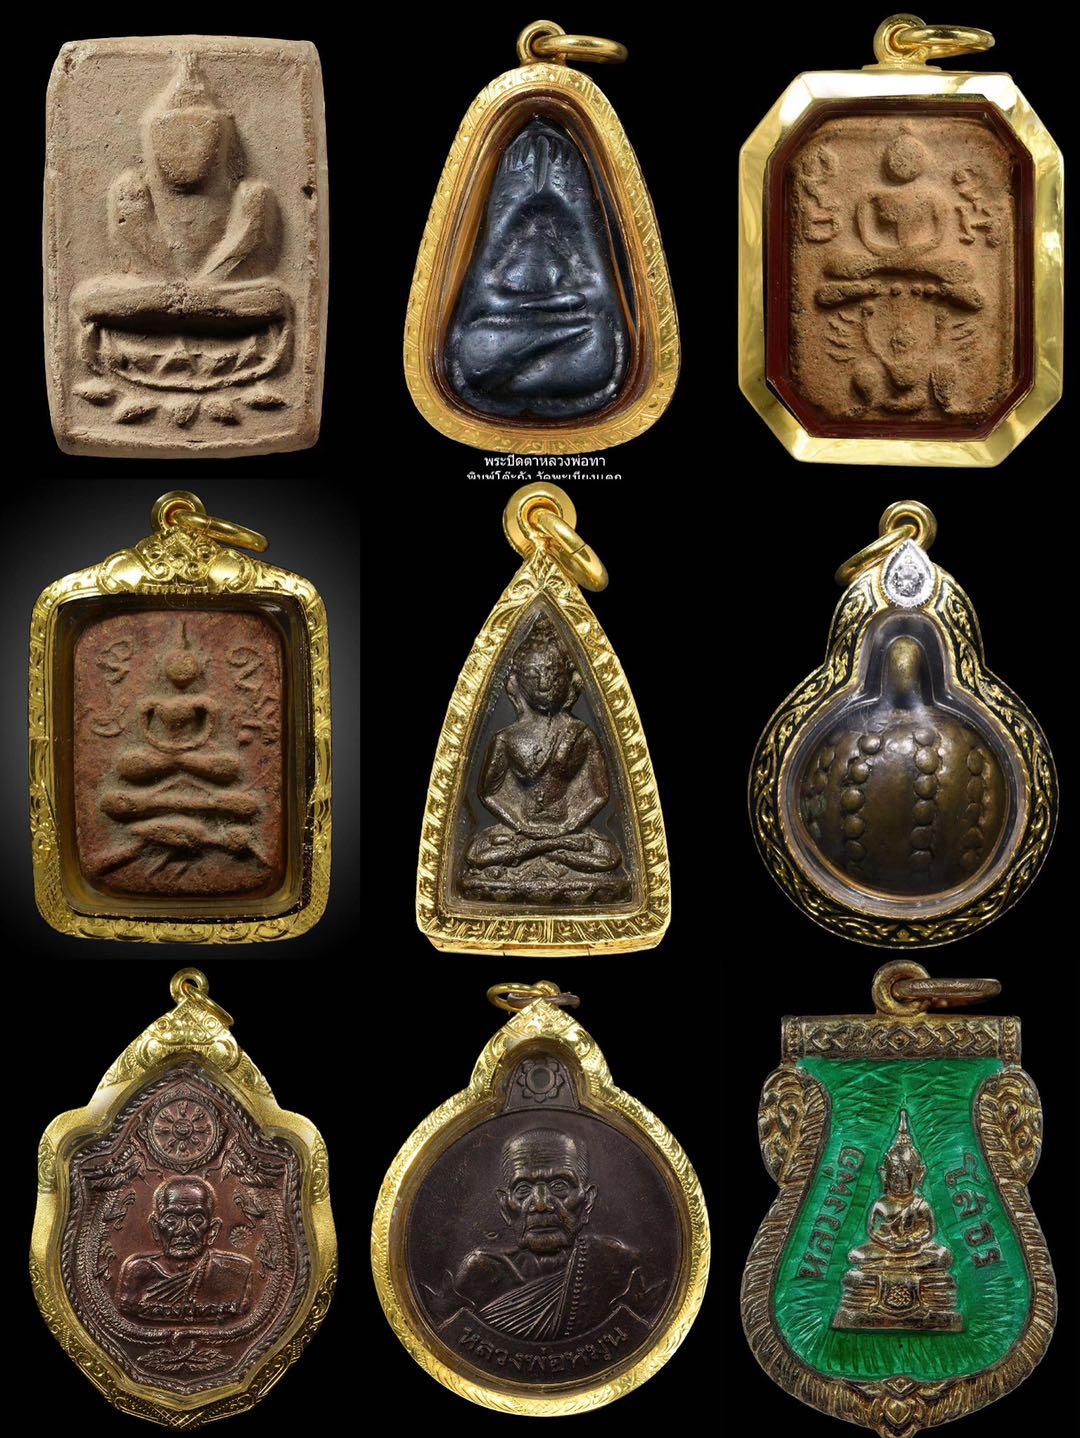 哪里可以买到泰国佛牌?怎么挑选合适自己的?